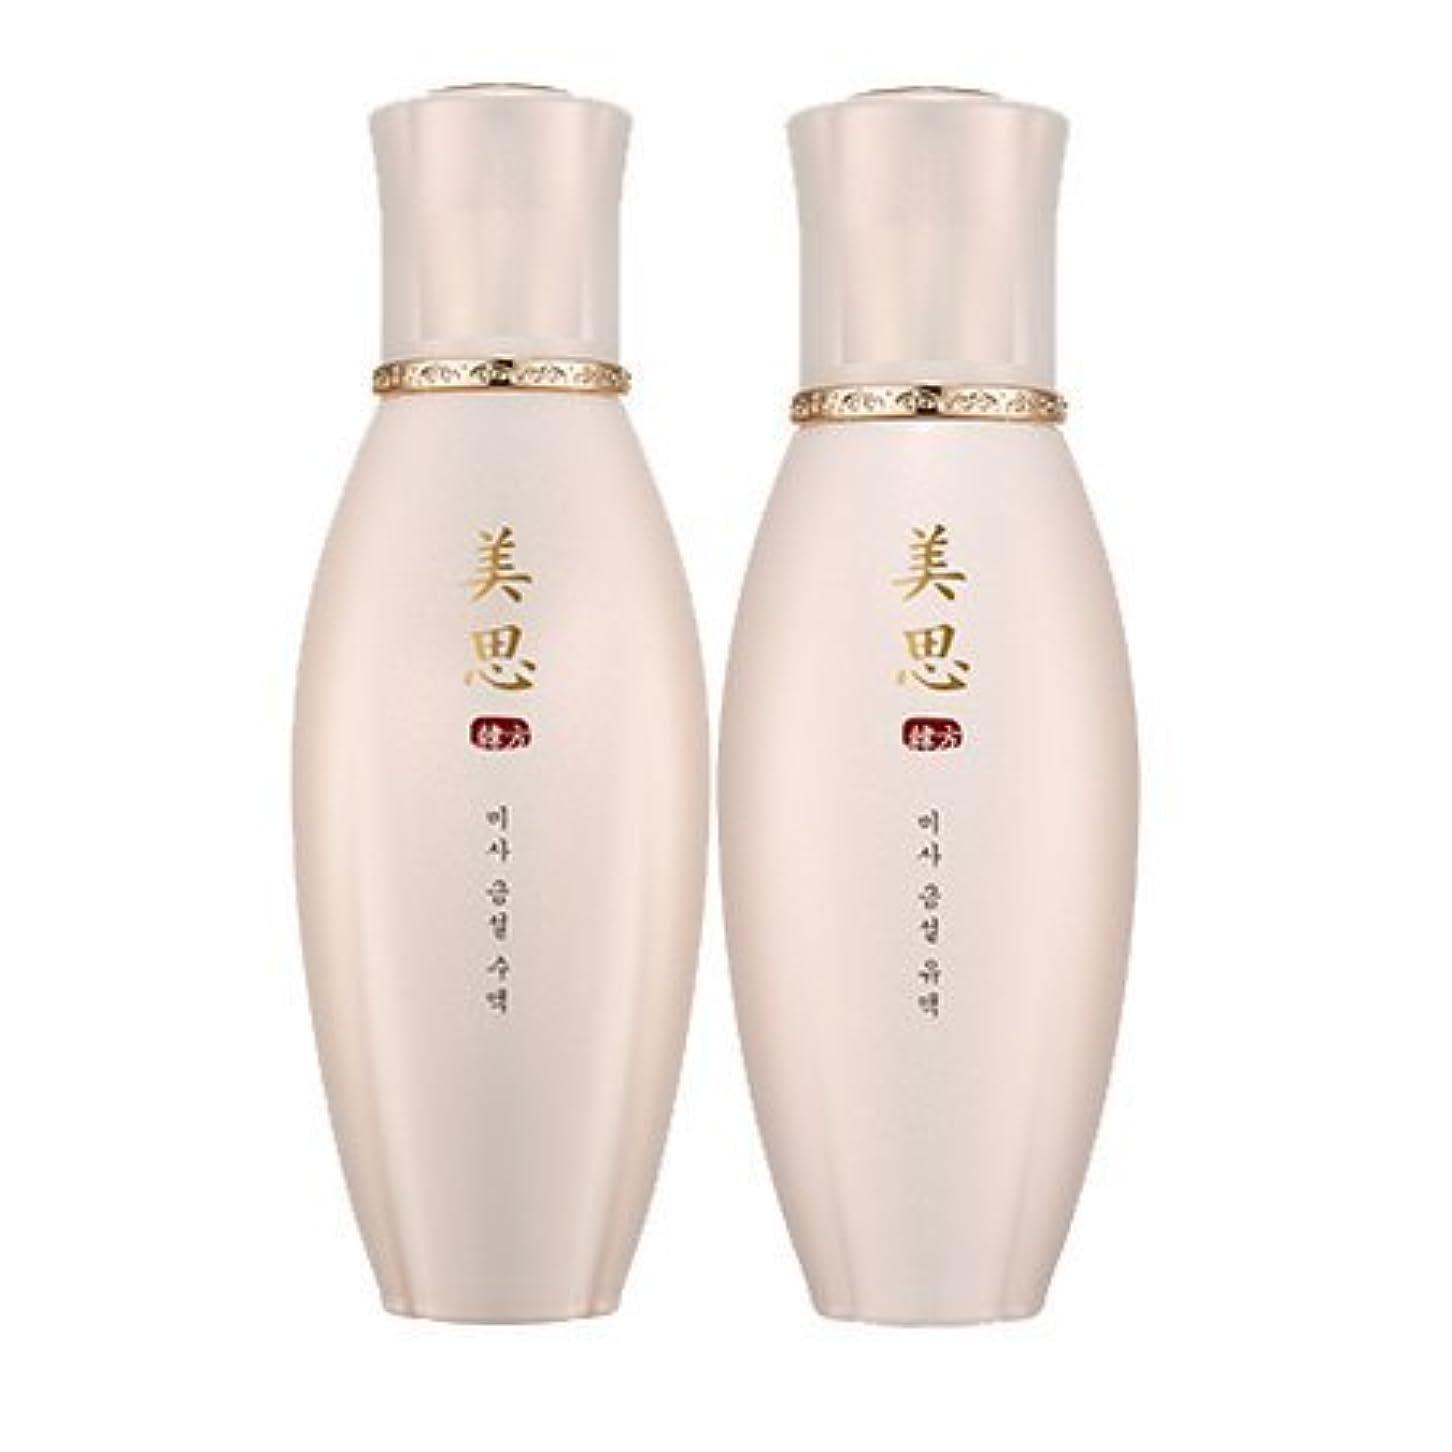 韓国勃起回転させるMISSHA(ミシャ) 美思 韓方 クムソル(金雪) 基礎化粧品 スキンケア 化粧水+乳液=お得2種Set